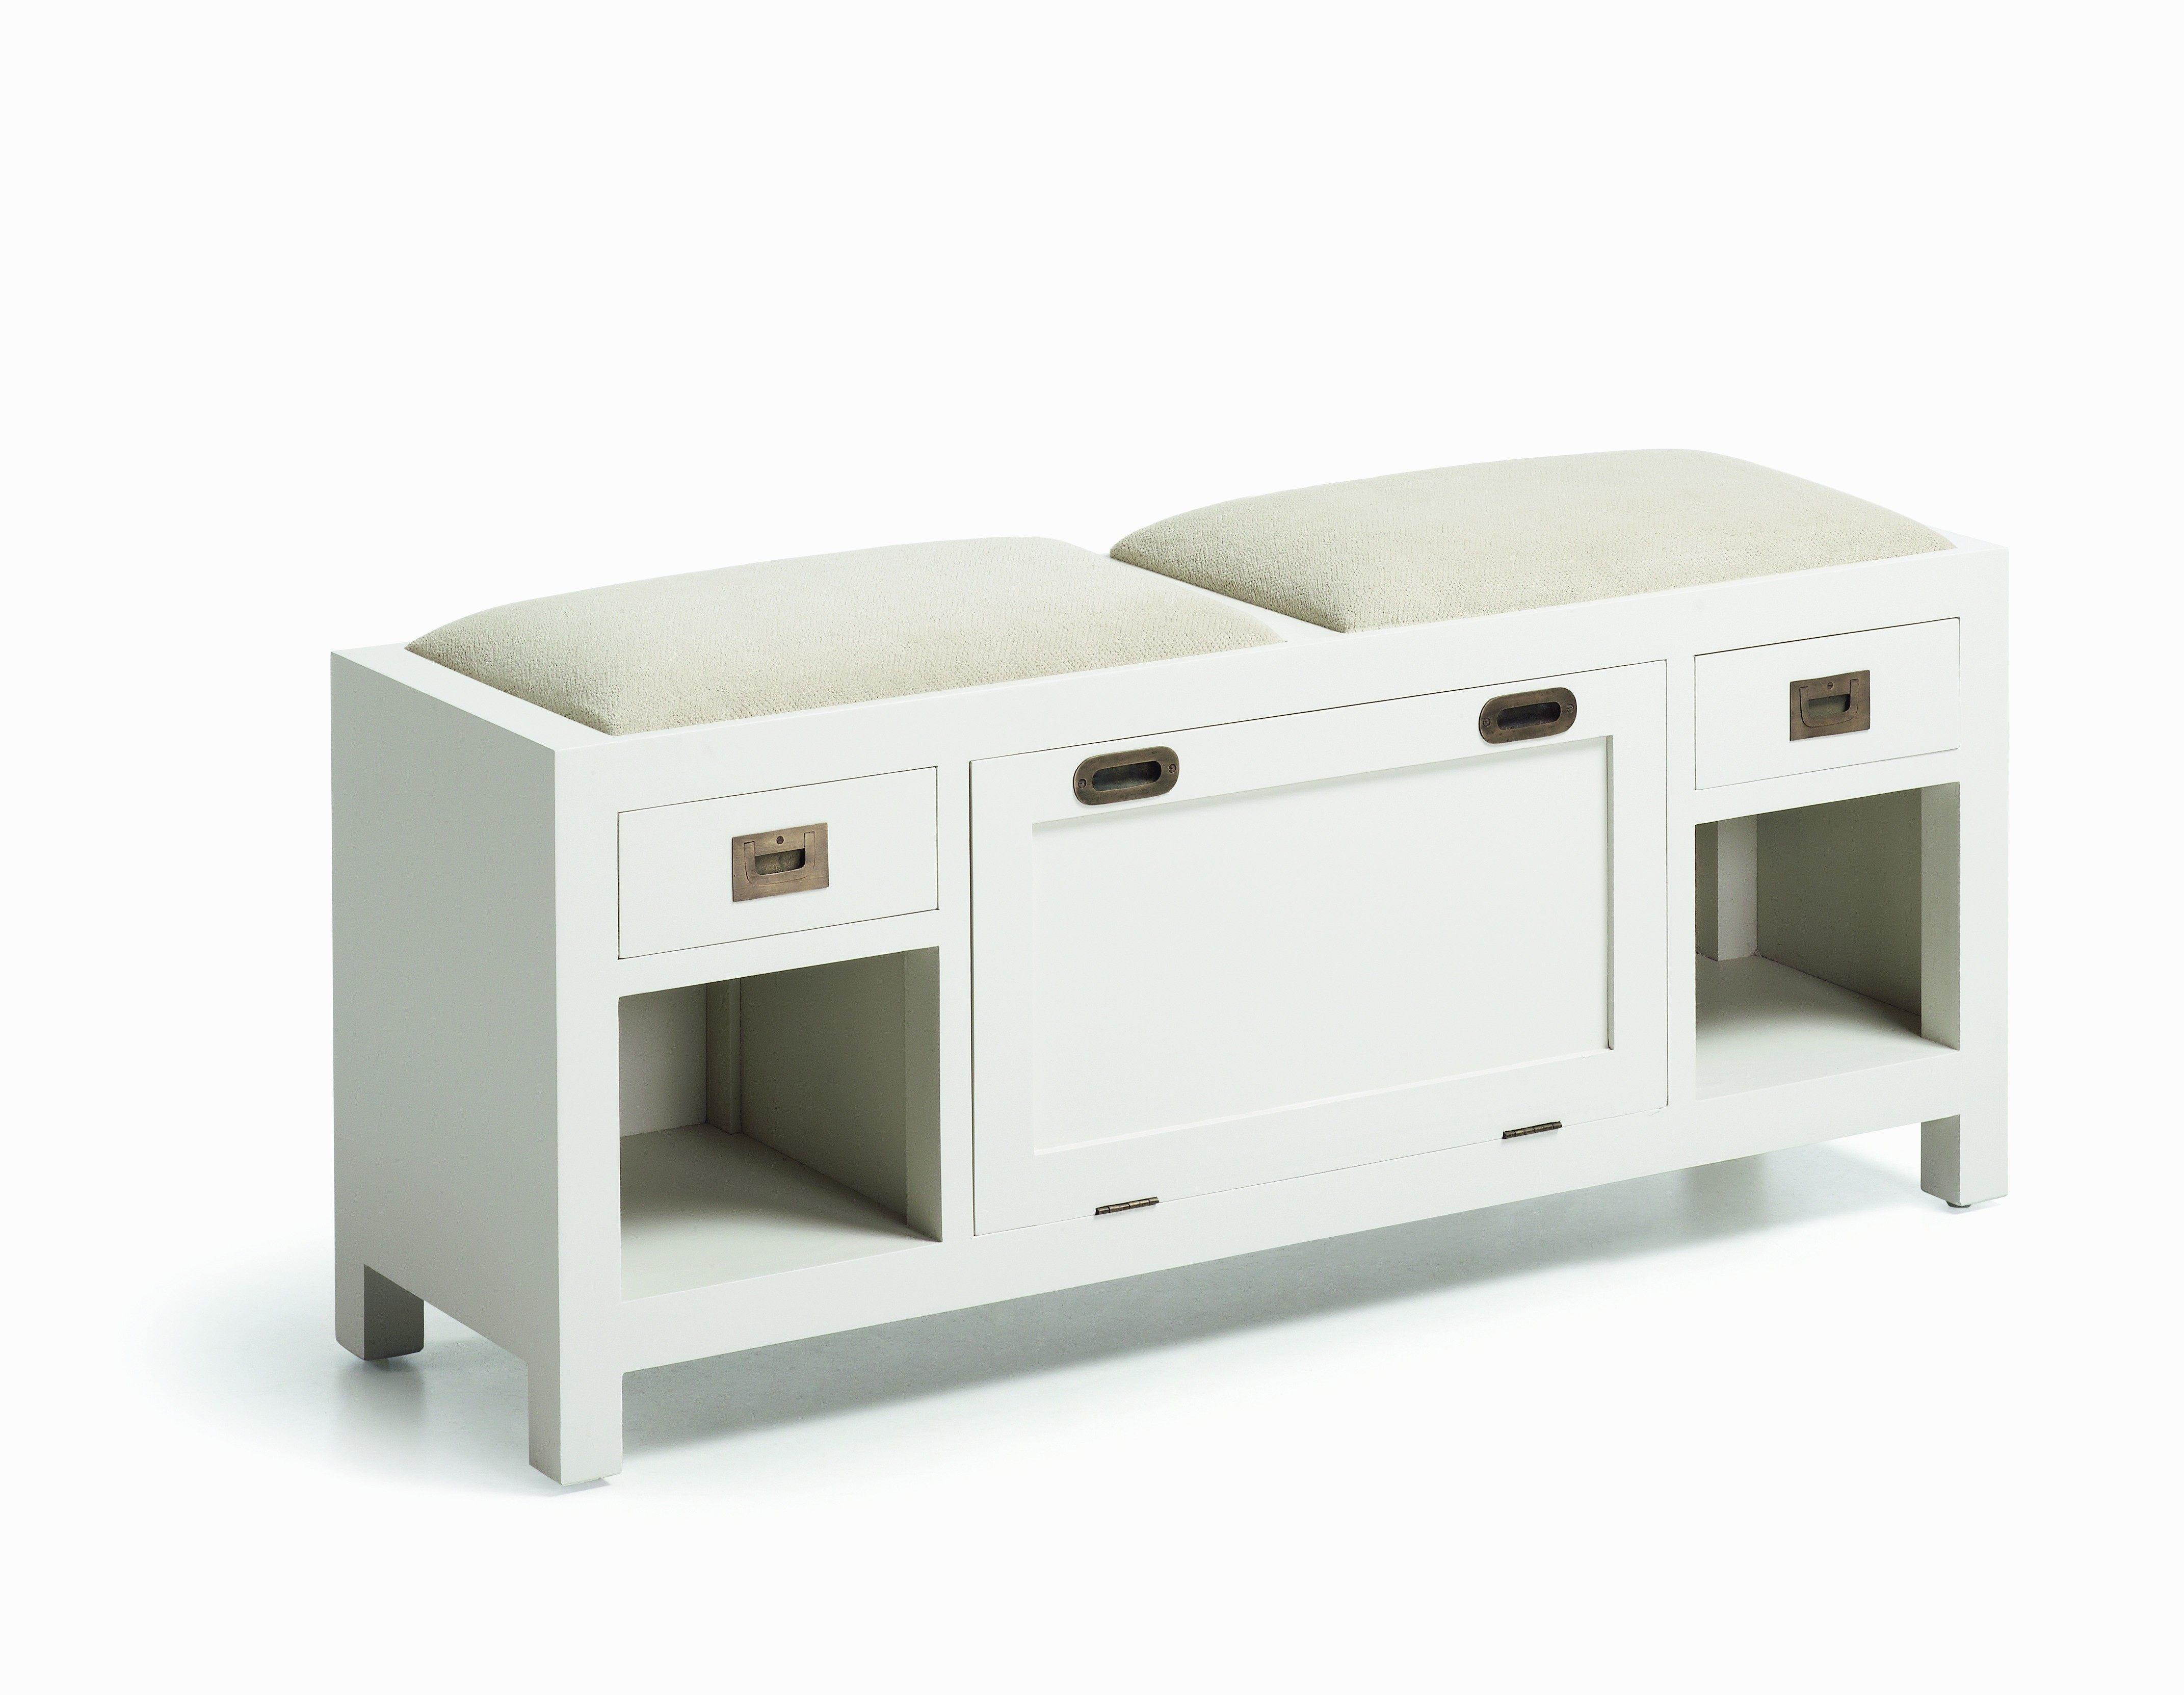 Coffre De Lit Ikea Impressionnant Banc Coffre Pas Cher Download Banc De Lit Ikea – Meilleurs Meubles